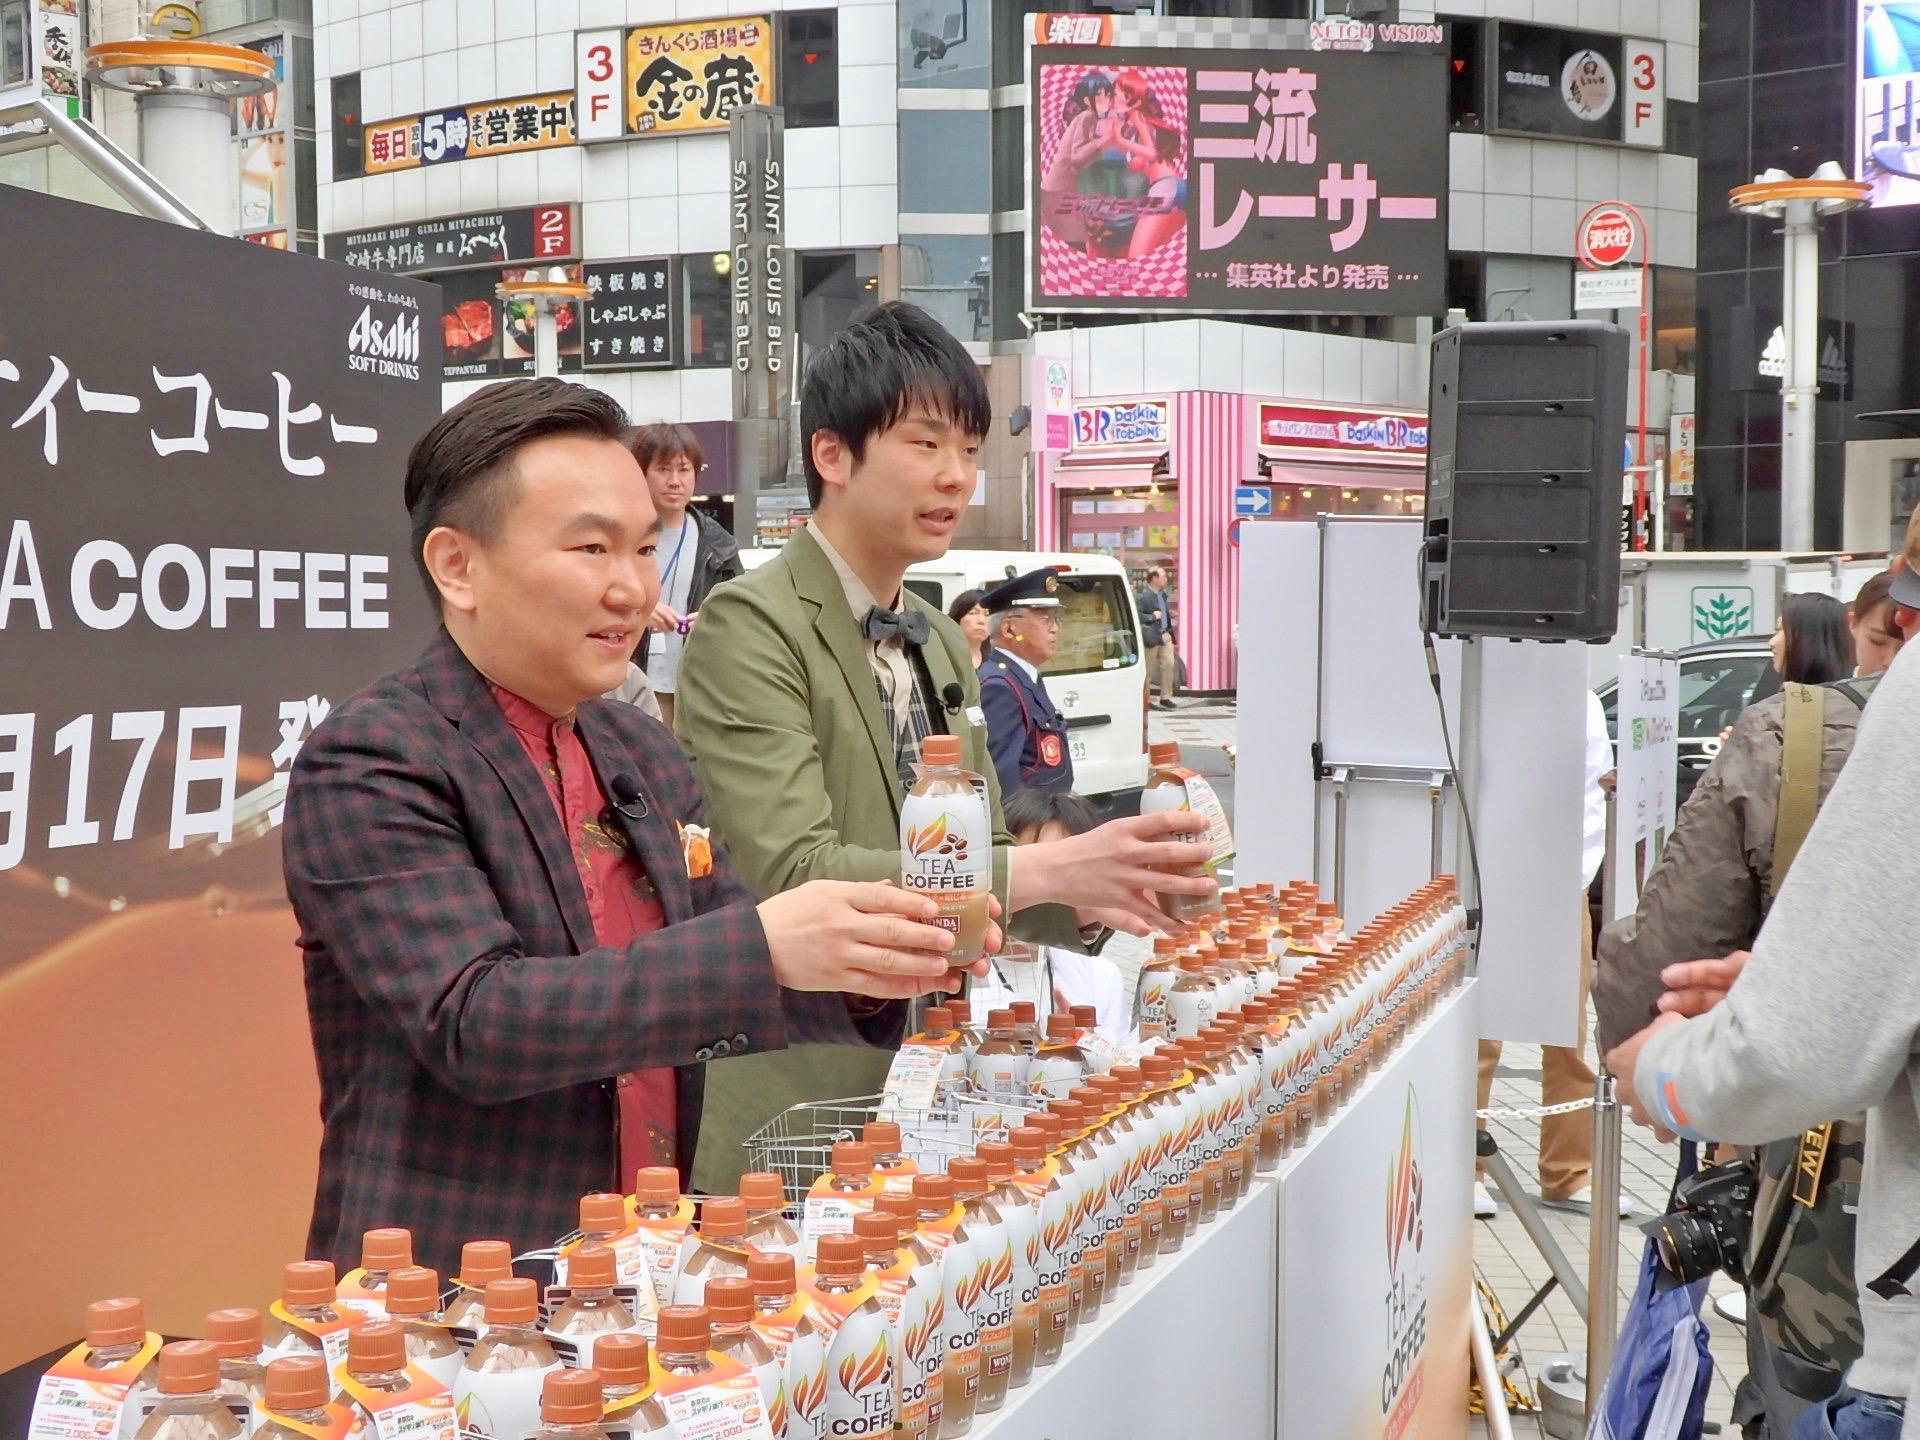 http://news.yoshimoto.co.jp/20180414165134-7ddd326e761a9f76981663e2810a3c76de1d585b.jpg